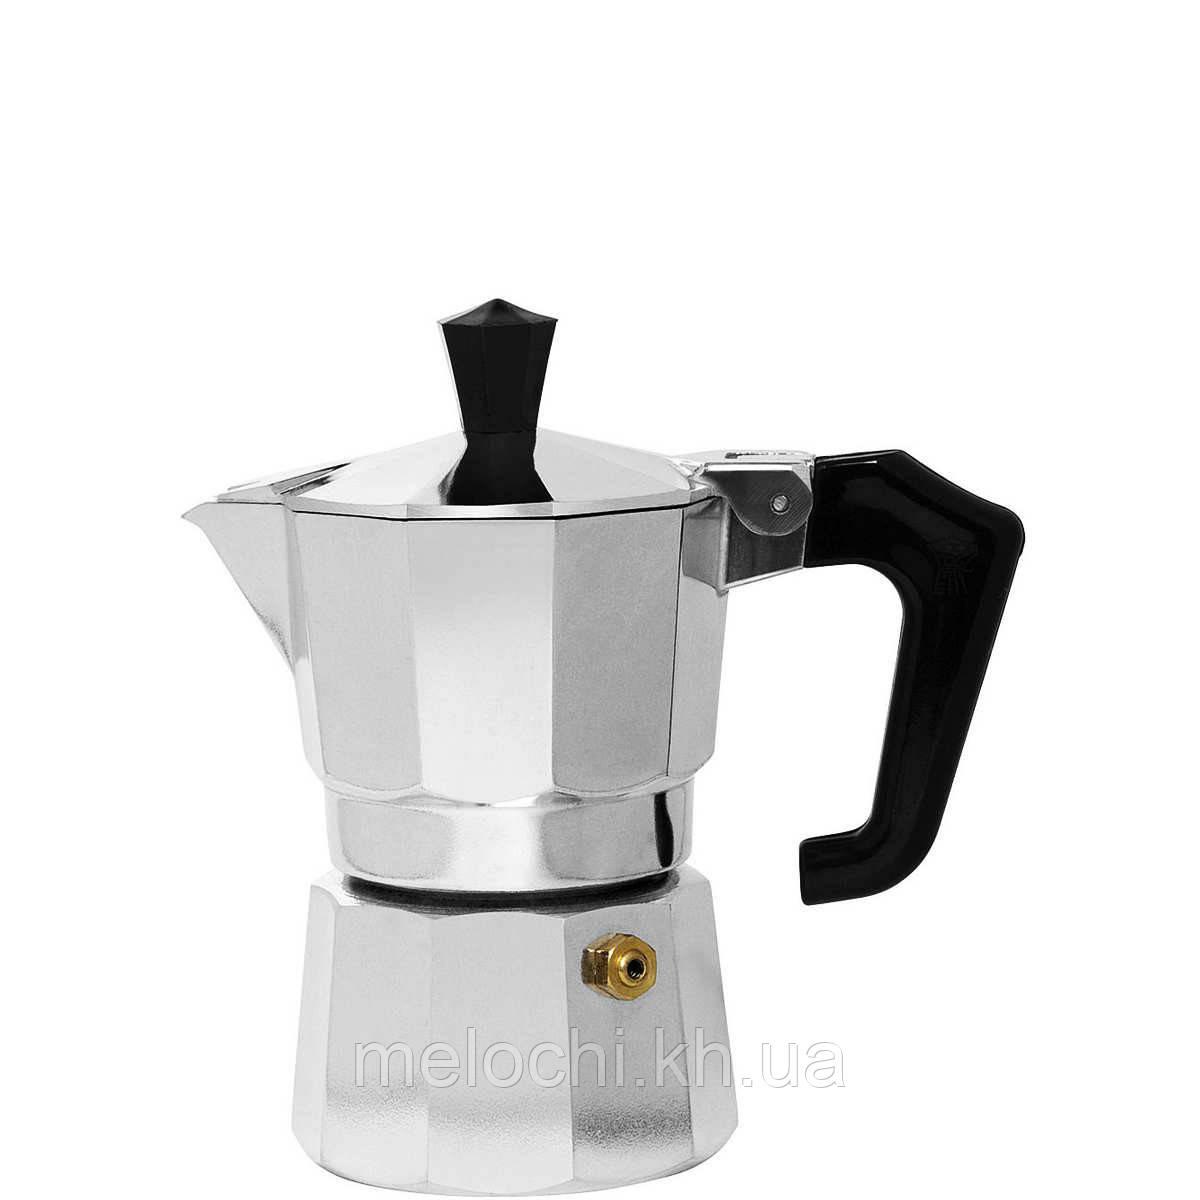 Кофеаврка гейзерная 300 мл,3 чашки - 1000 и одна мелочь в Харькове